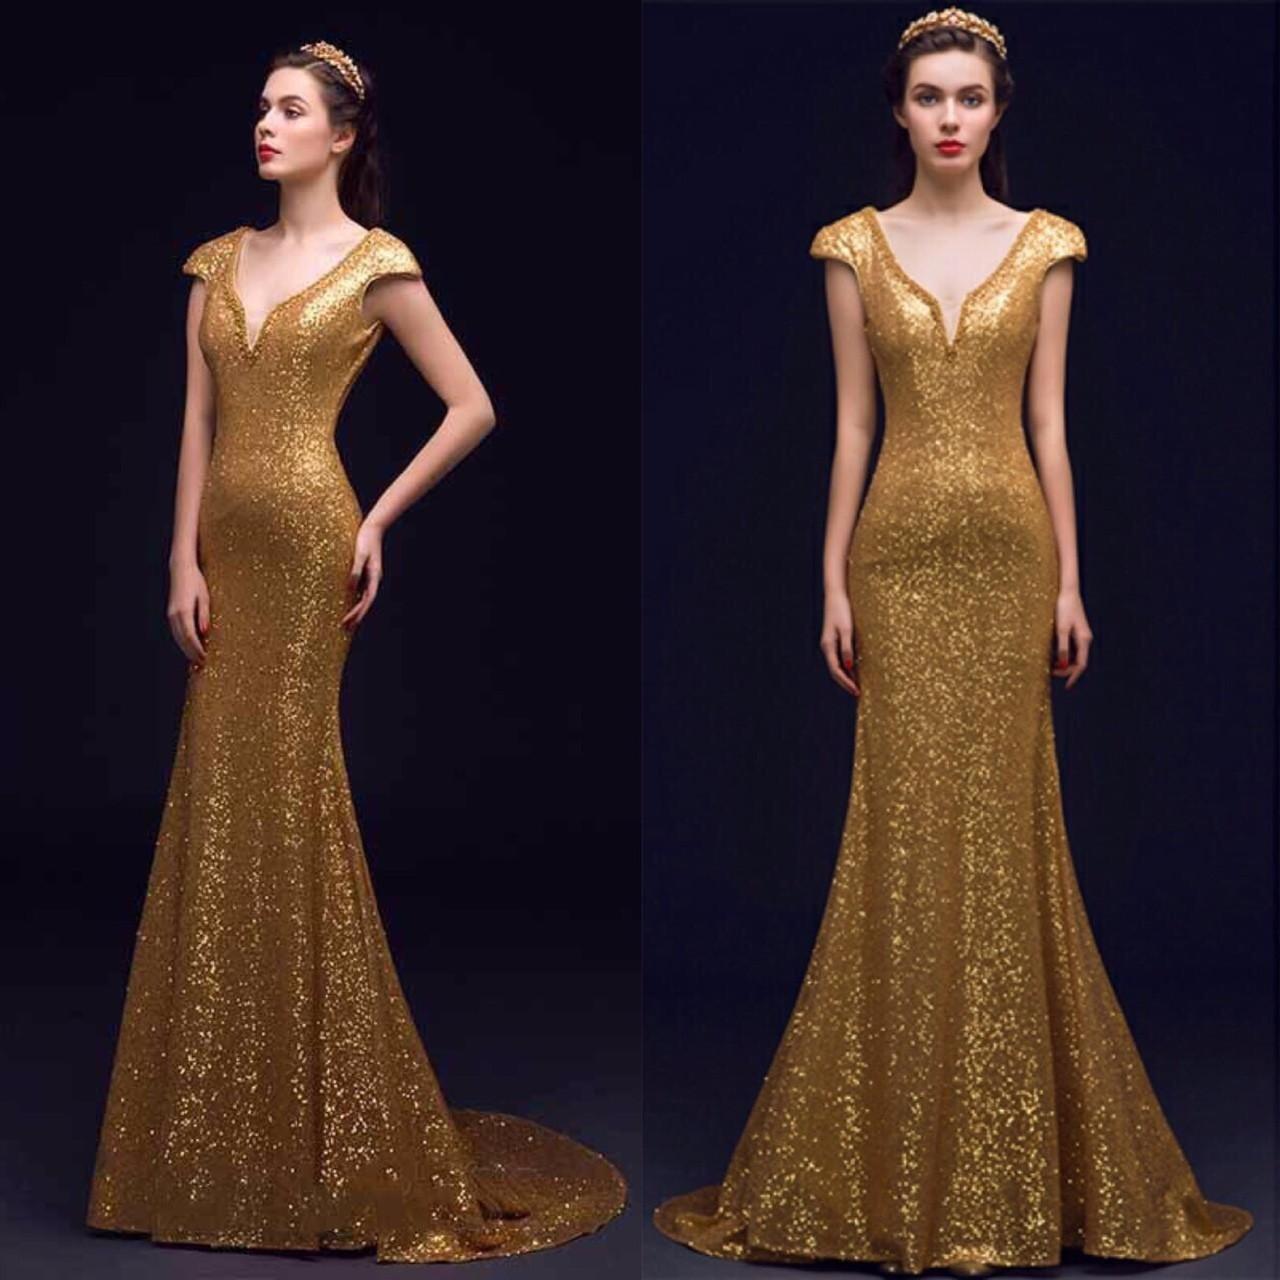 Đầm dạ hội kim sa đuôi cá kết ngọc đẹp màu vàng